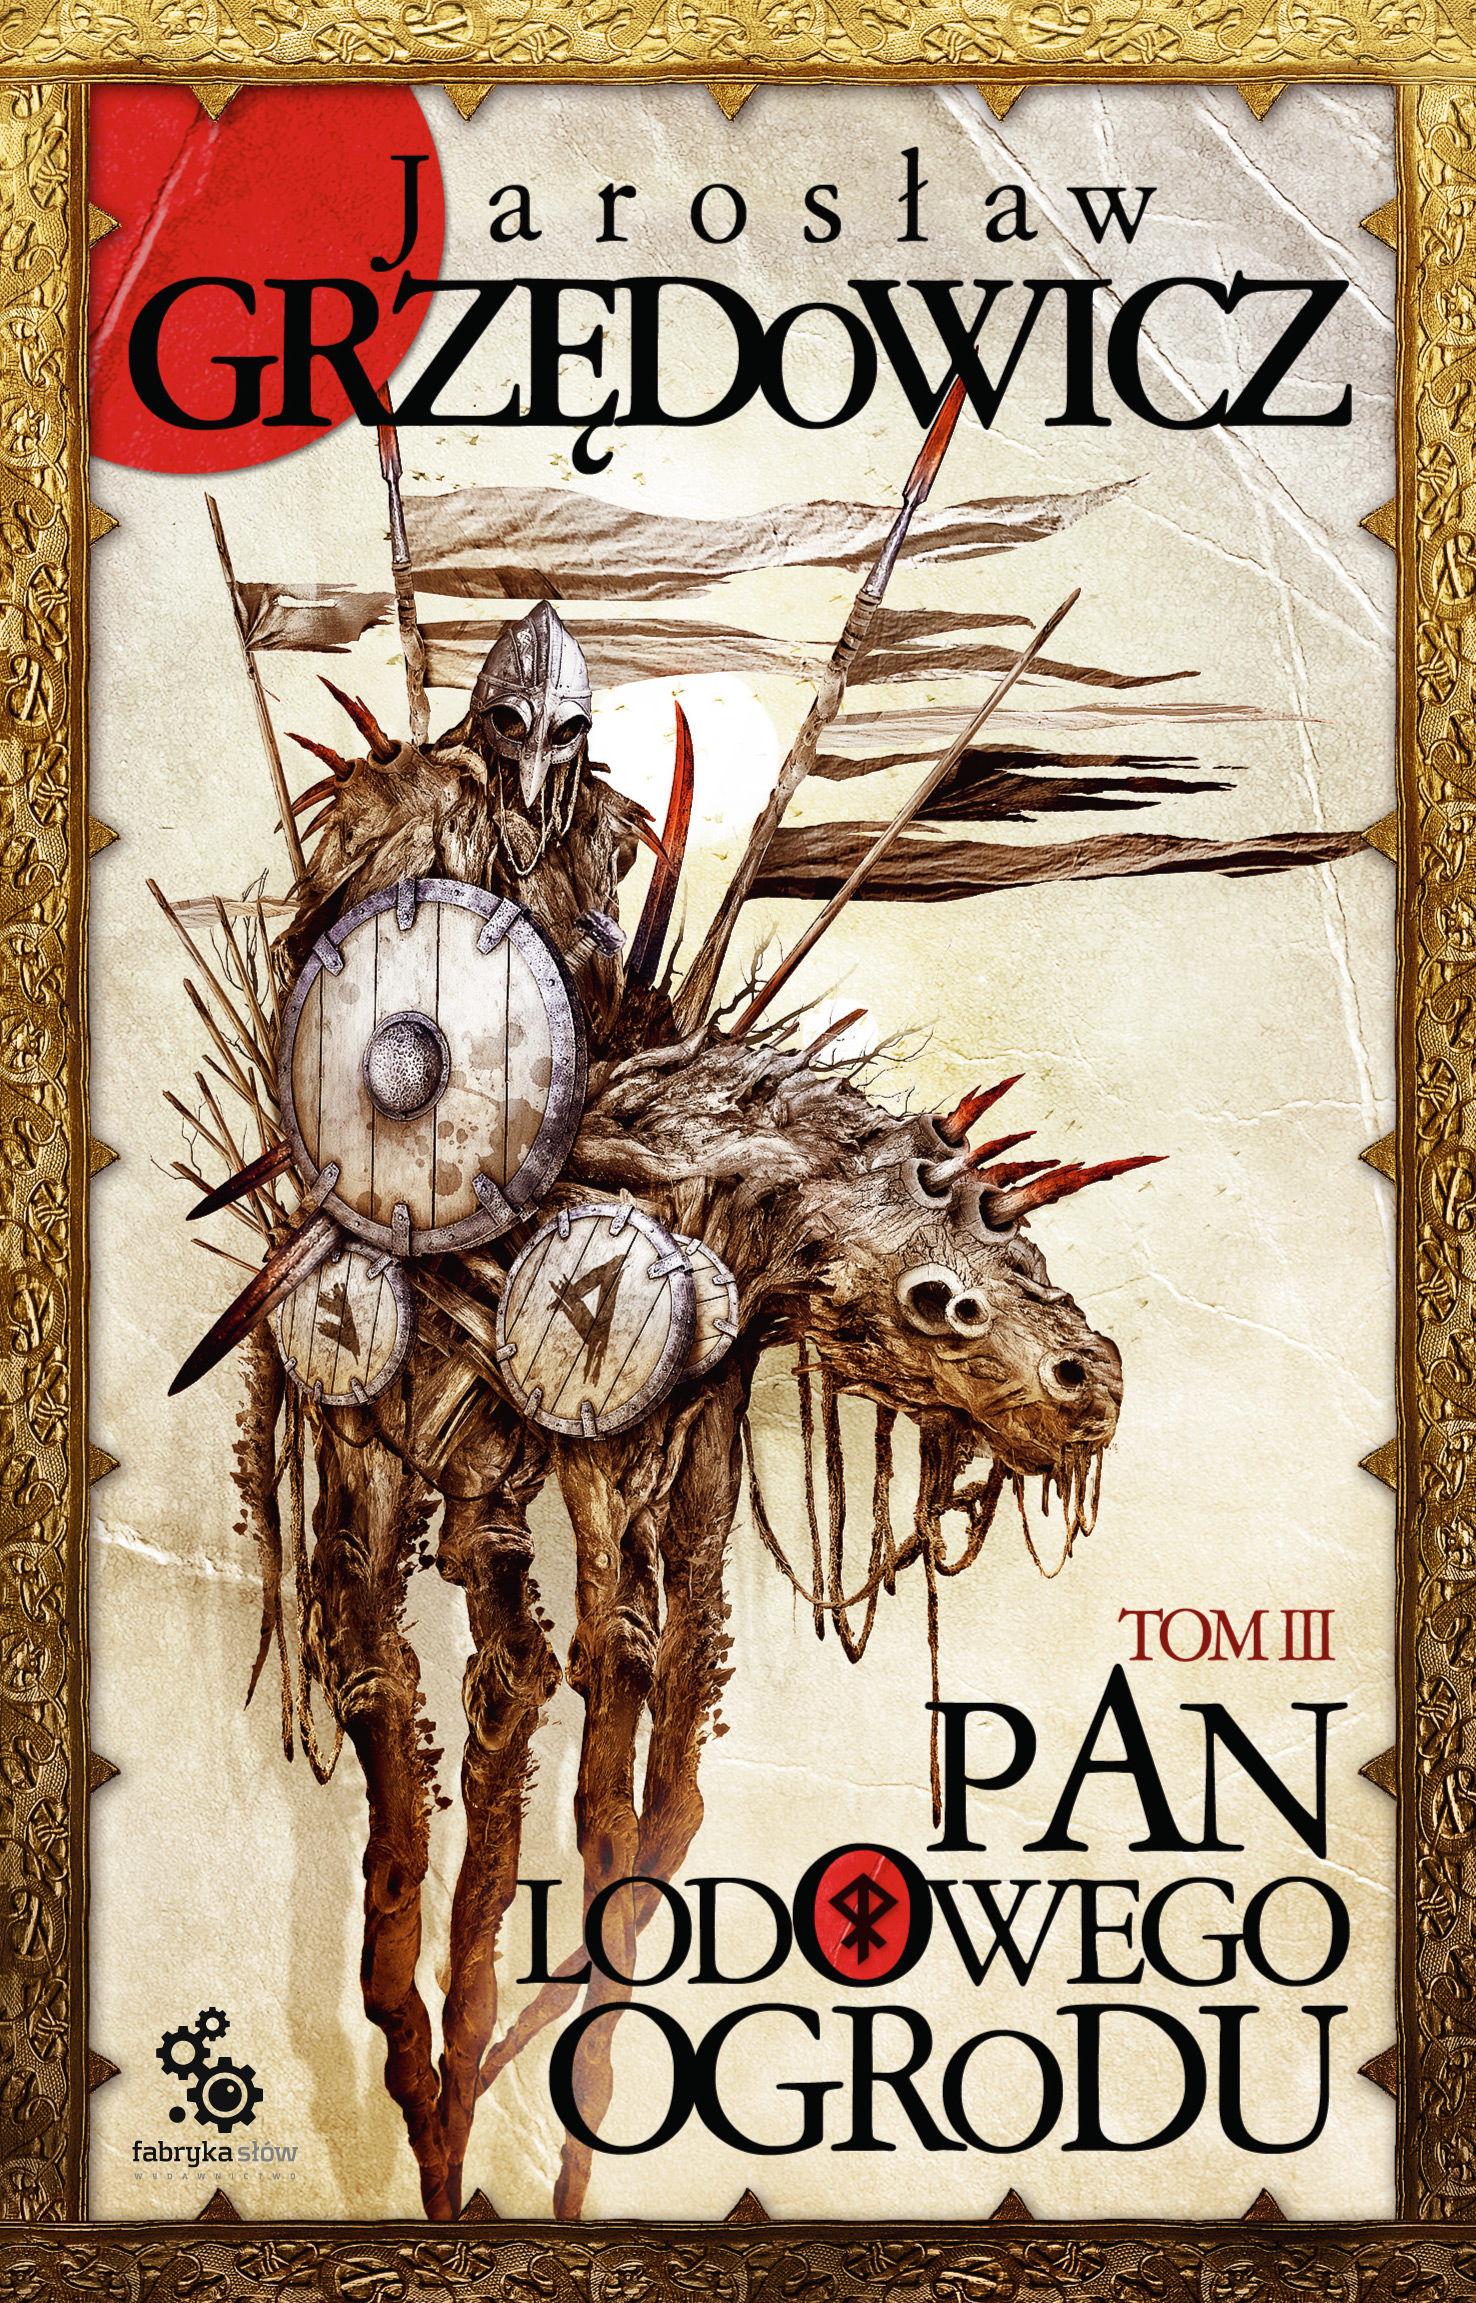 Pan Lodowego Ogrodu. Tom 3 - Jarosław Grzędowicz - audiobook